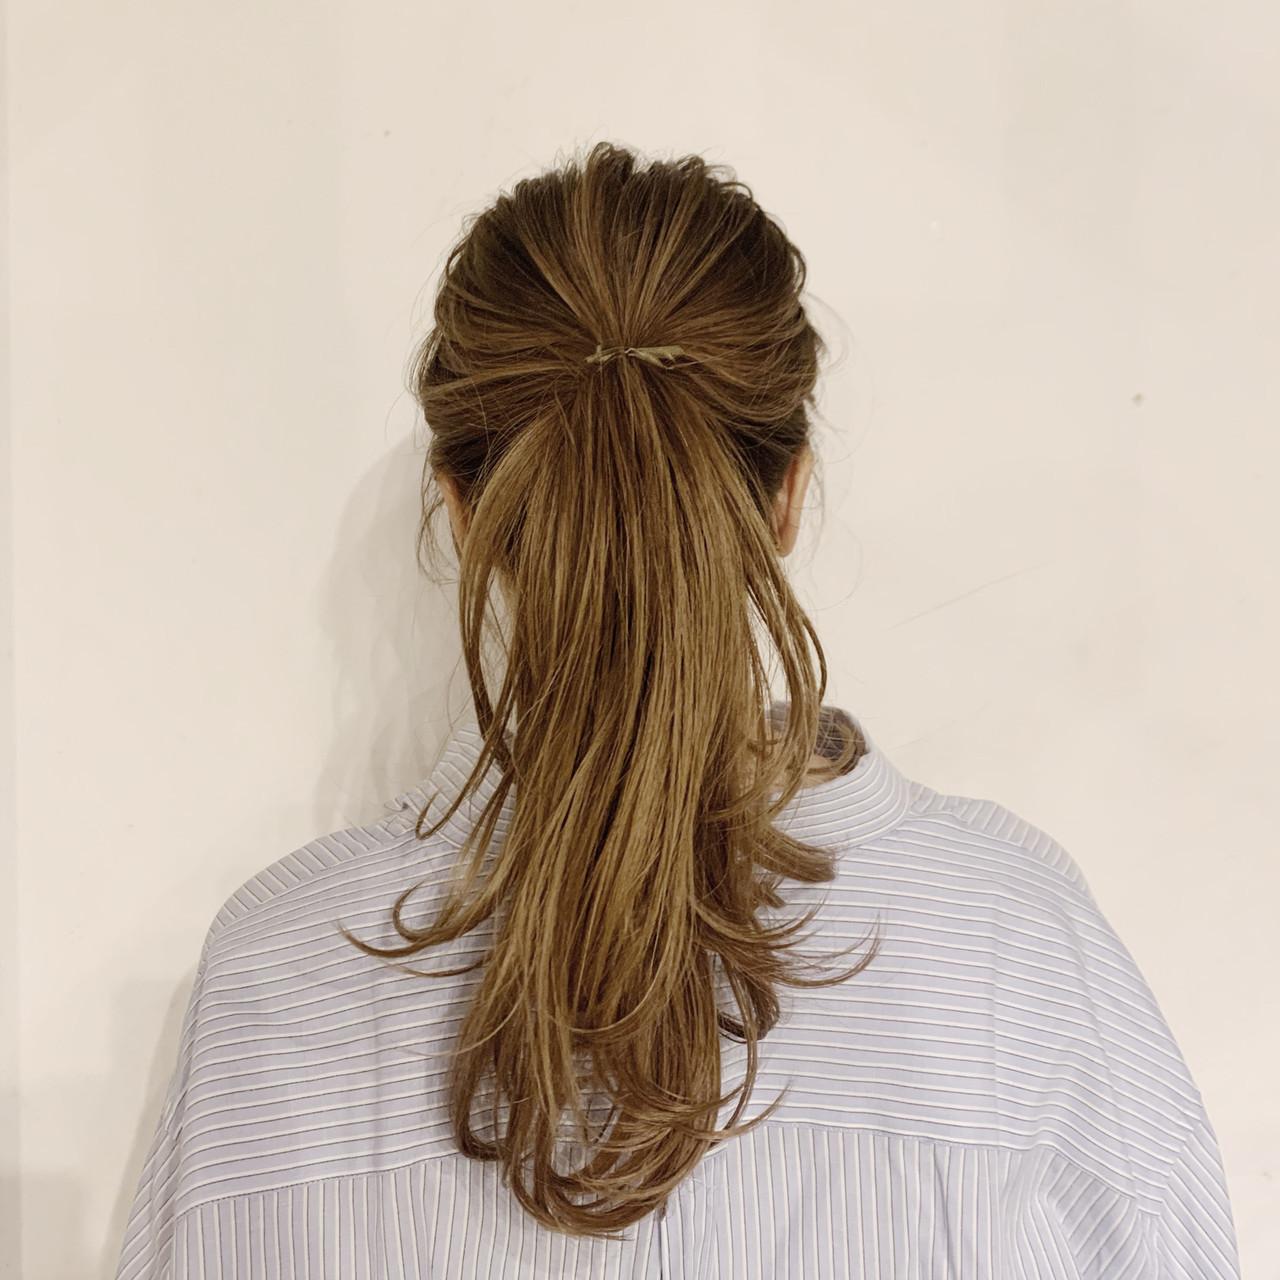 リボンアレンジ ポニーテールアレンジ ミディアム ヘアアレンジ ヘアスタイルや髪型の写真・画像